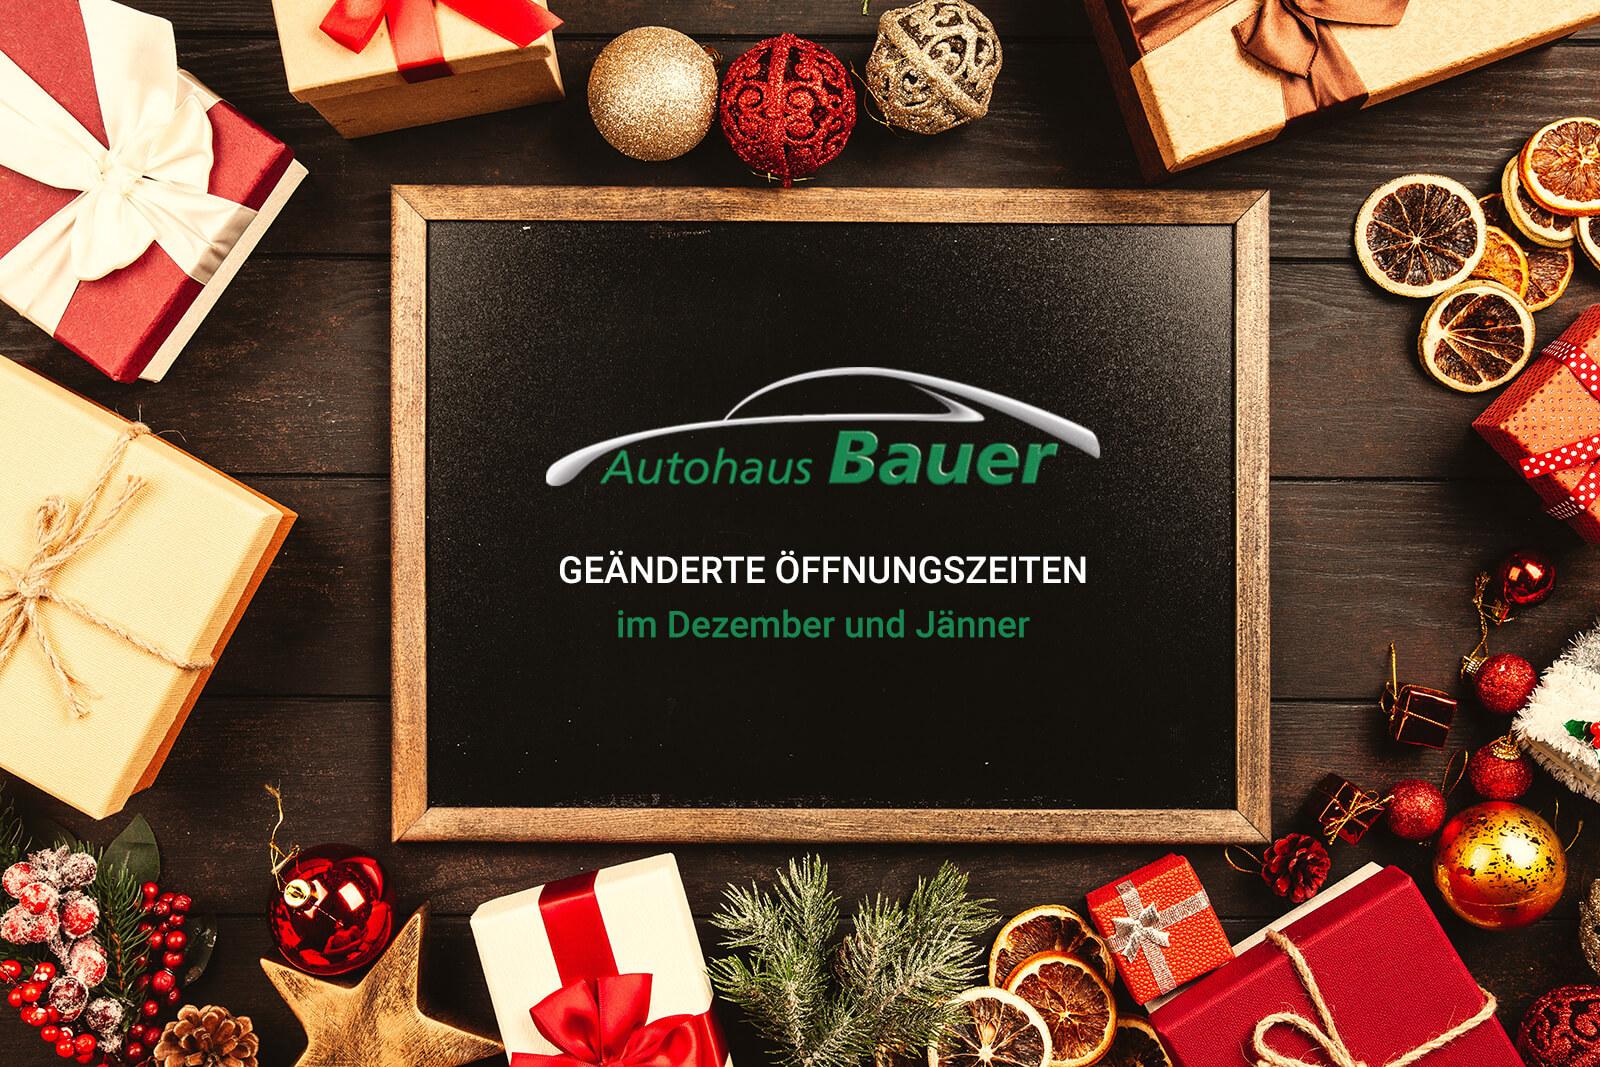 Autohaus Bauer geänderte Öffngunszeiten im Dezember und Jänner